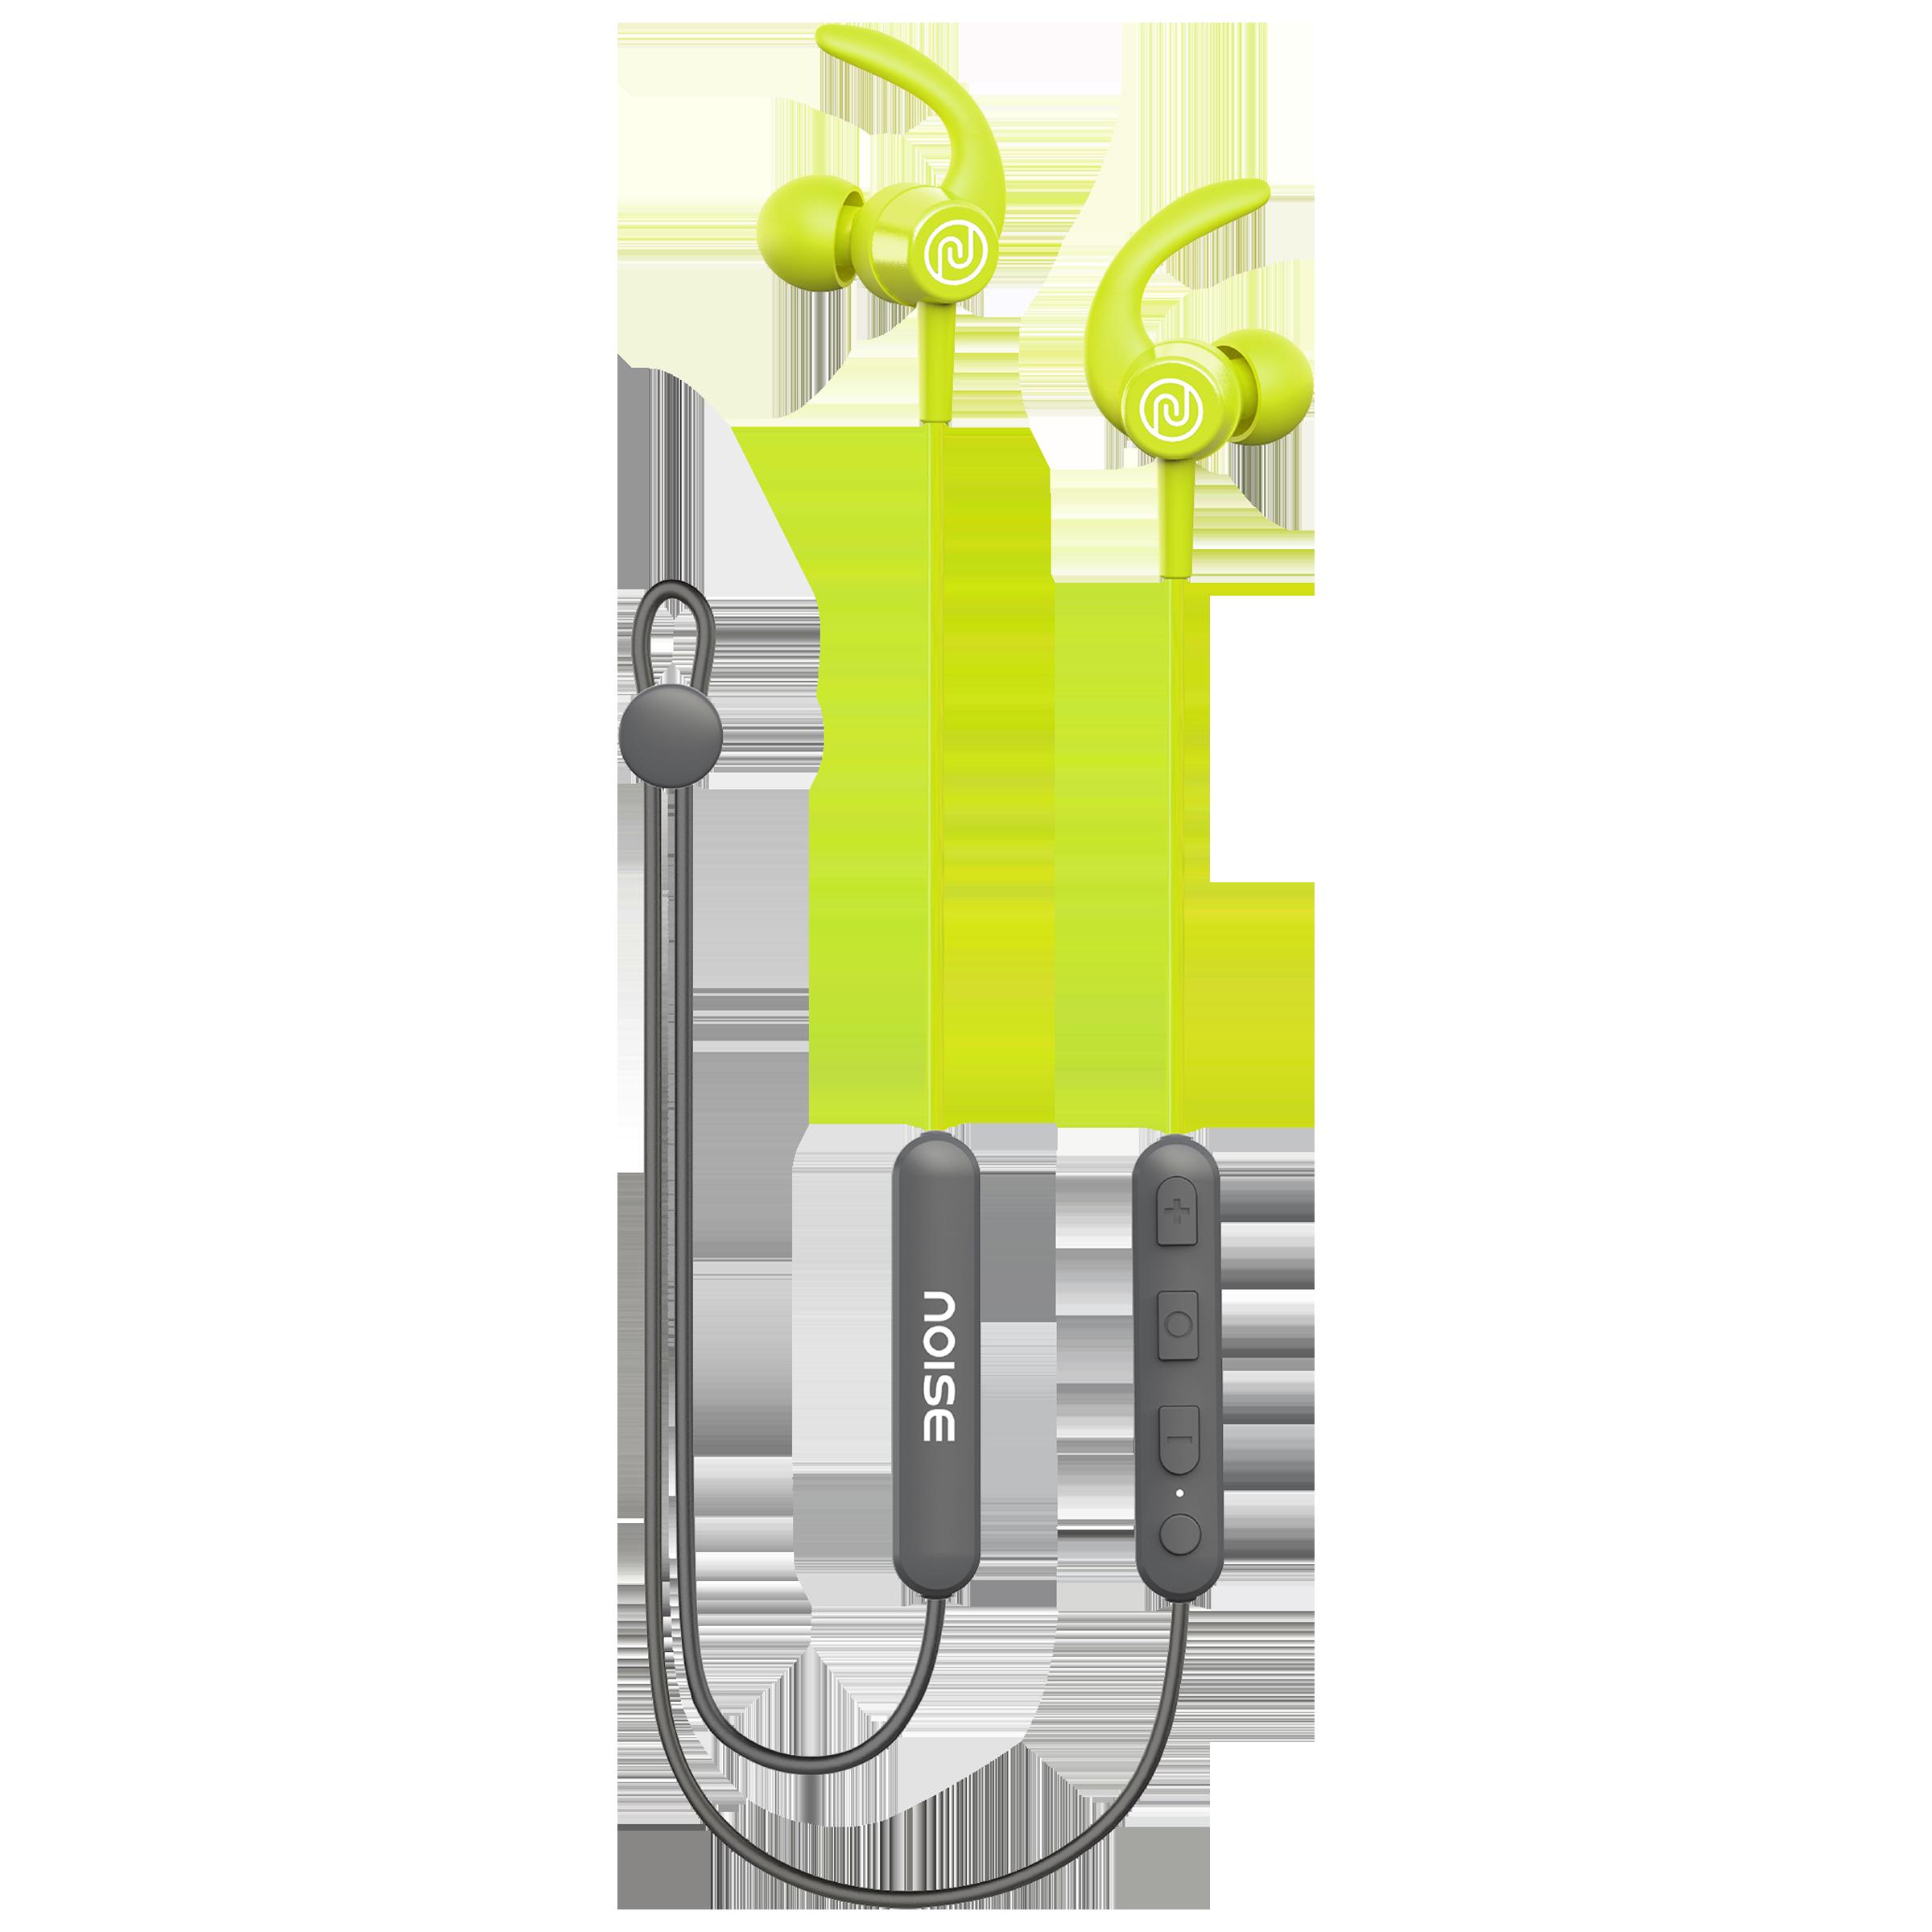 Noise Tune Sport 2 In-Ear Wireless Earphone with Mic (Bluetooth 5.0, IPX4 Sweat Resistance, Green)_1